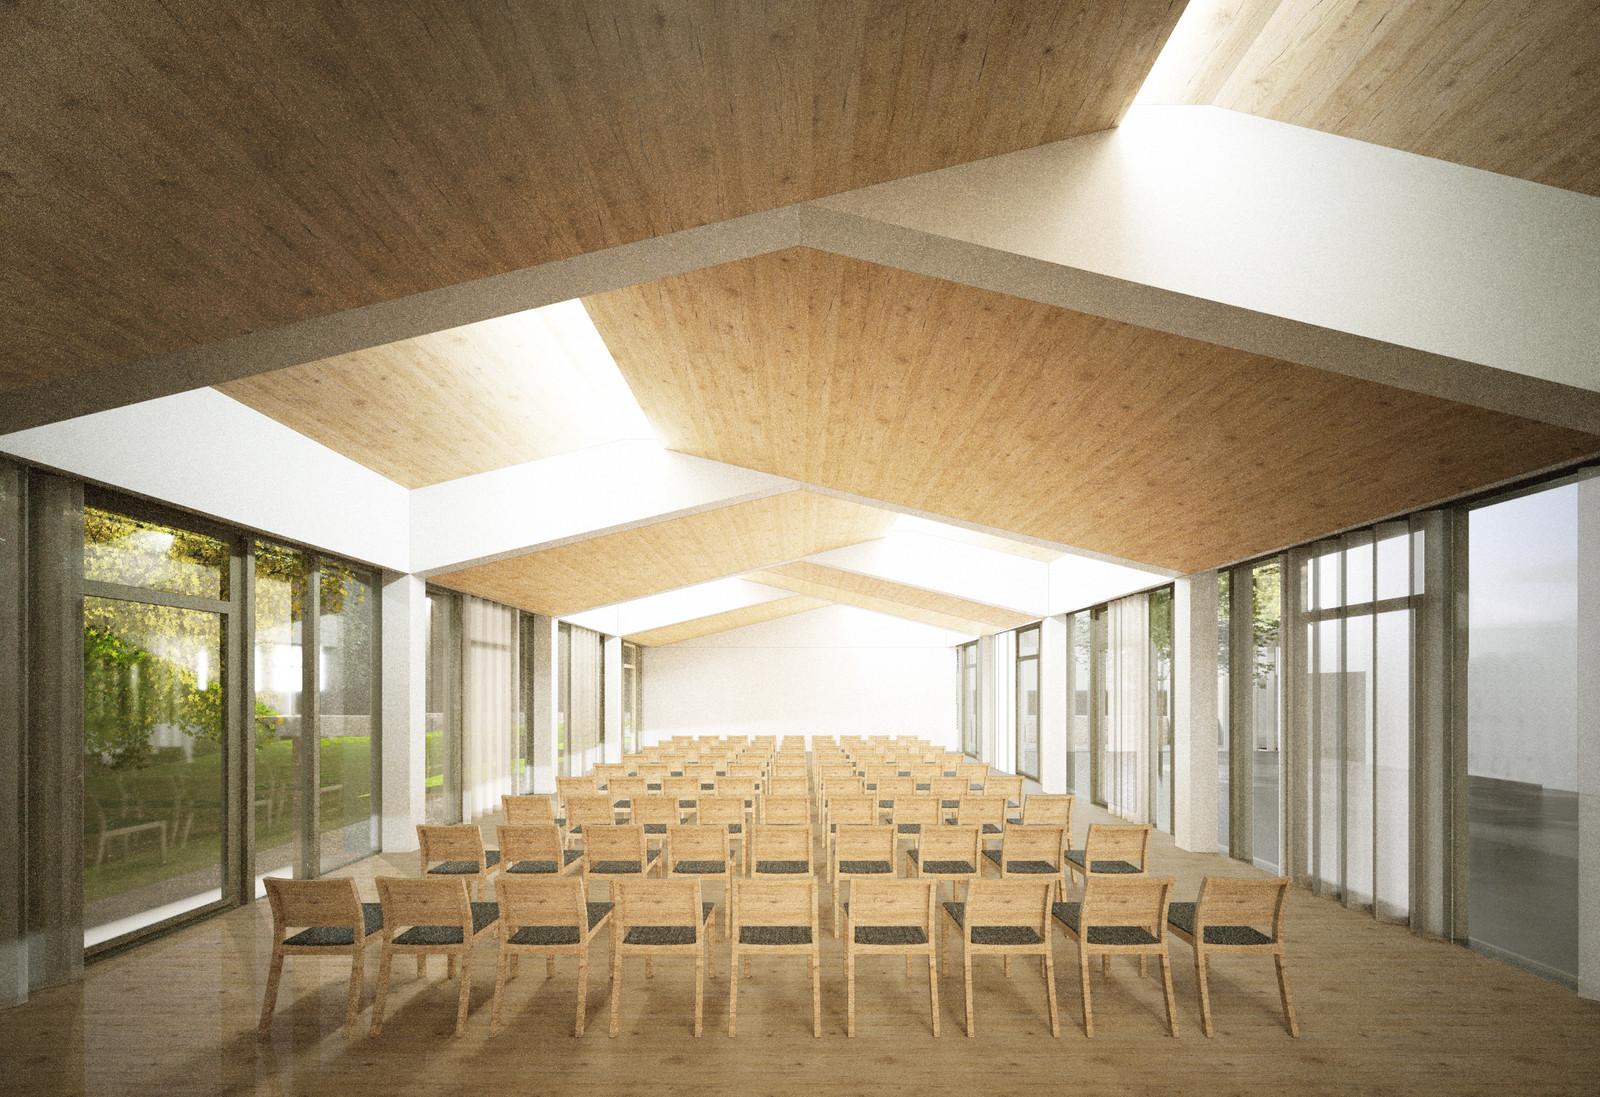 Architekten Chemnitz architektur büro keller gmbh chemnitz projekte